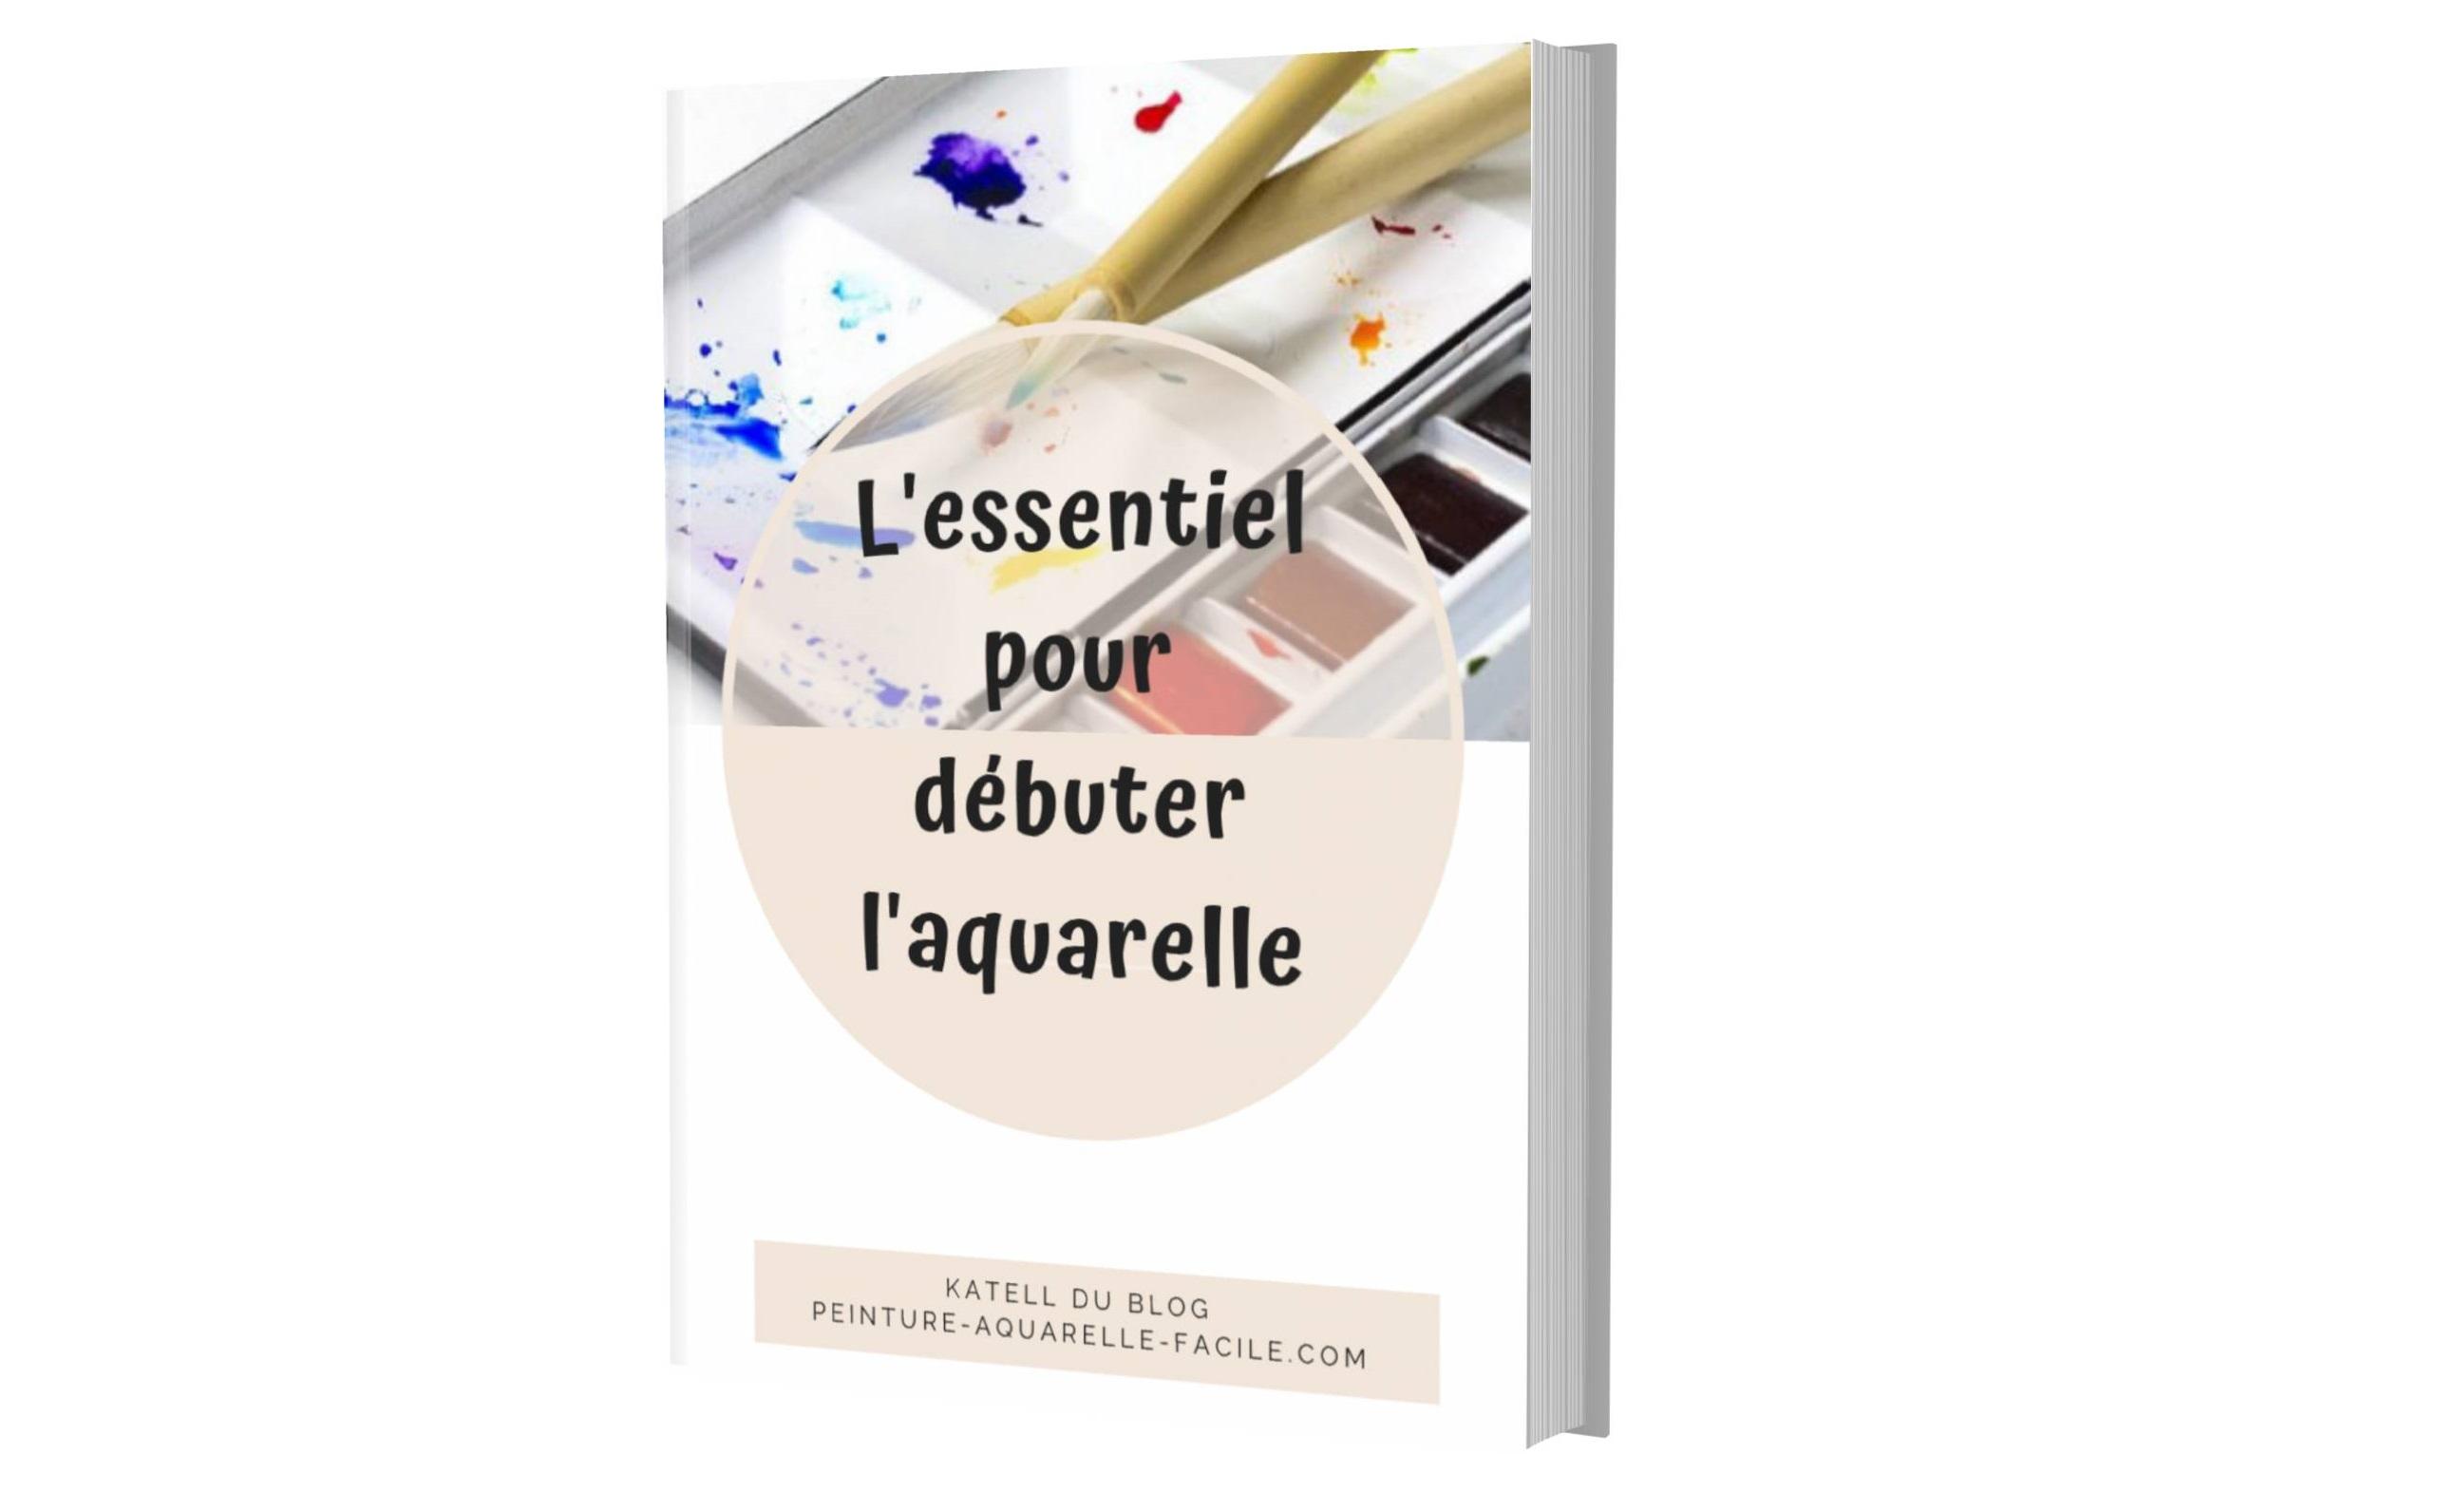 Cours Gratuit D Aquarelle L Essentiel Pour Debuter L Aquarelle